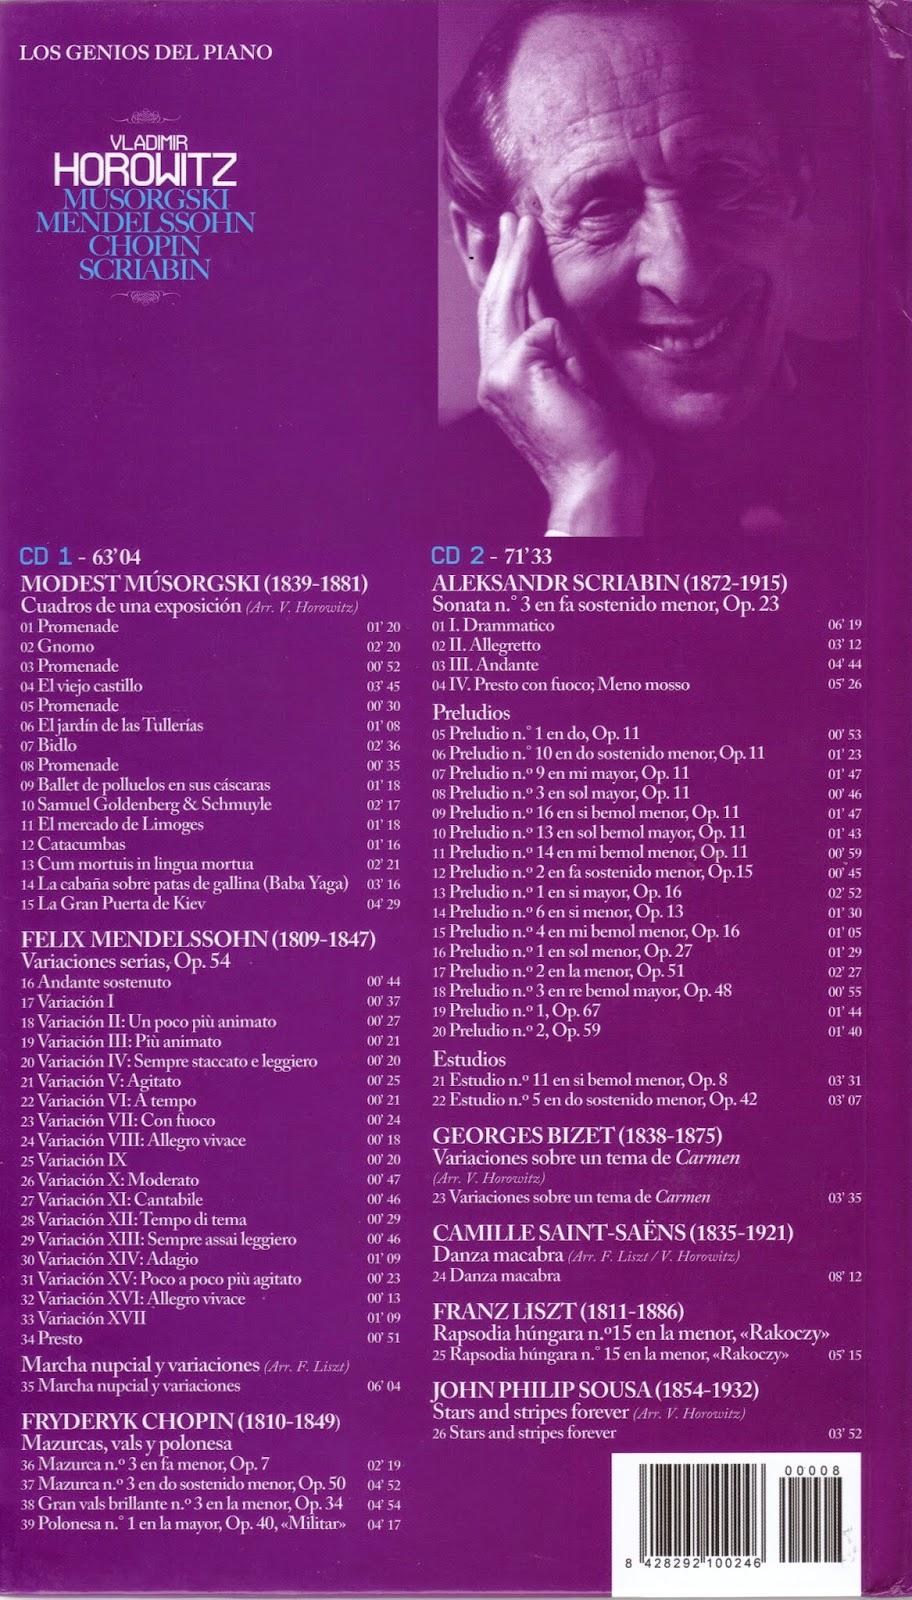 Imagen de Colección Los Genios del Piano-08-Vladimir Horowitz & Musorgski, Mendelssohn, Chopin y Scriabin-trasera